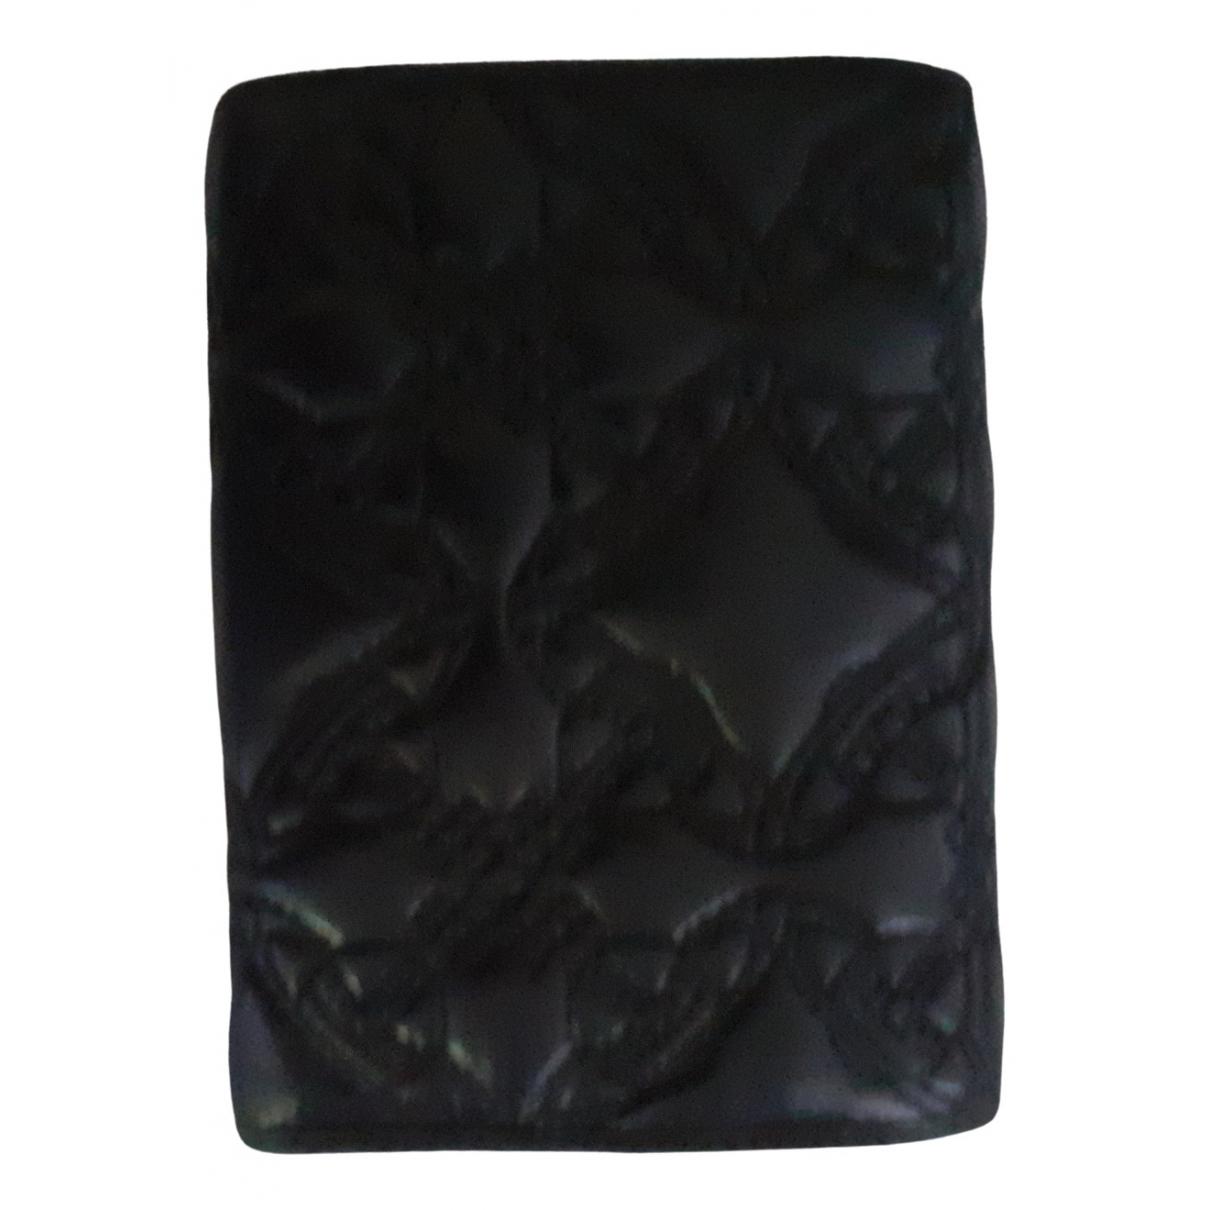 Vivienne Westwood - Petite maroquinerie   pour femme en cuir - noir